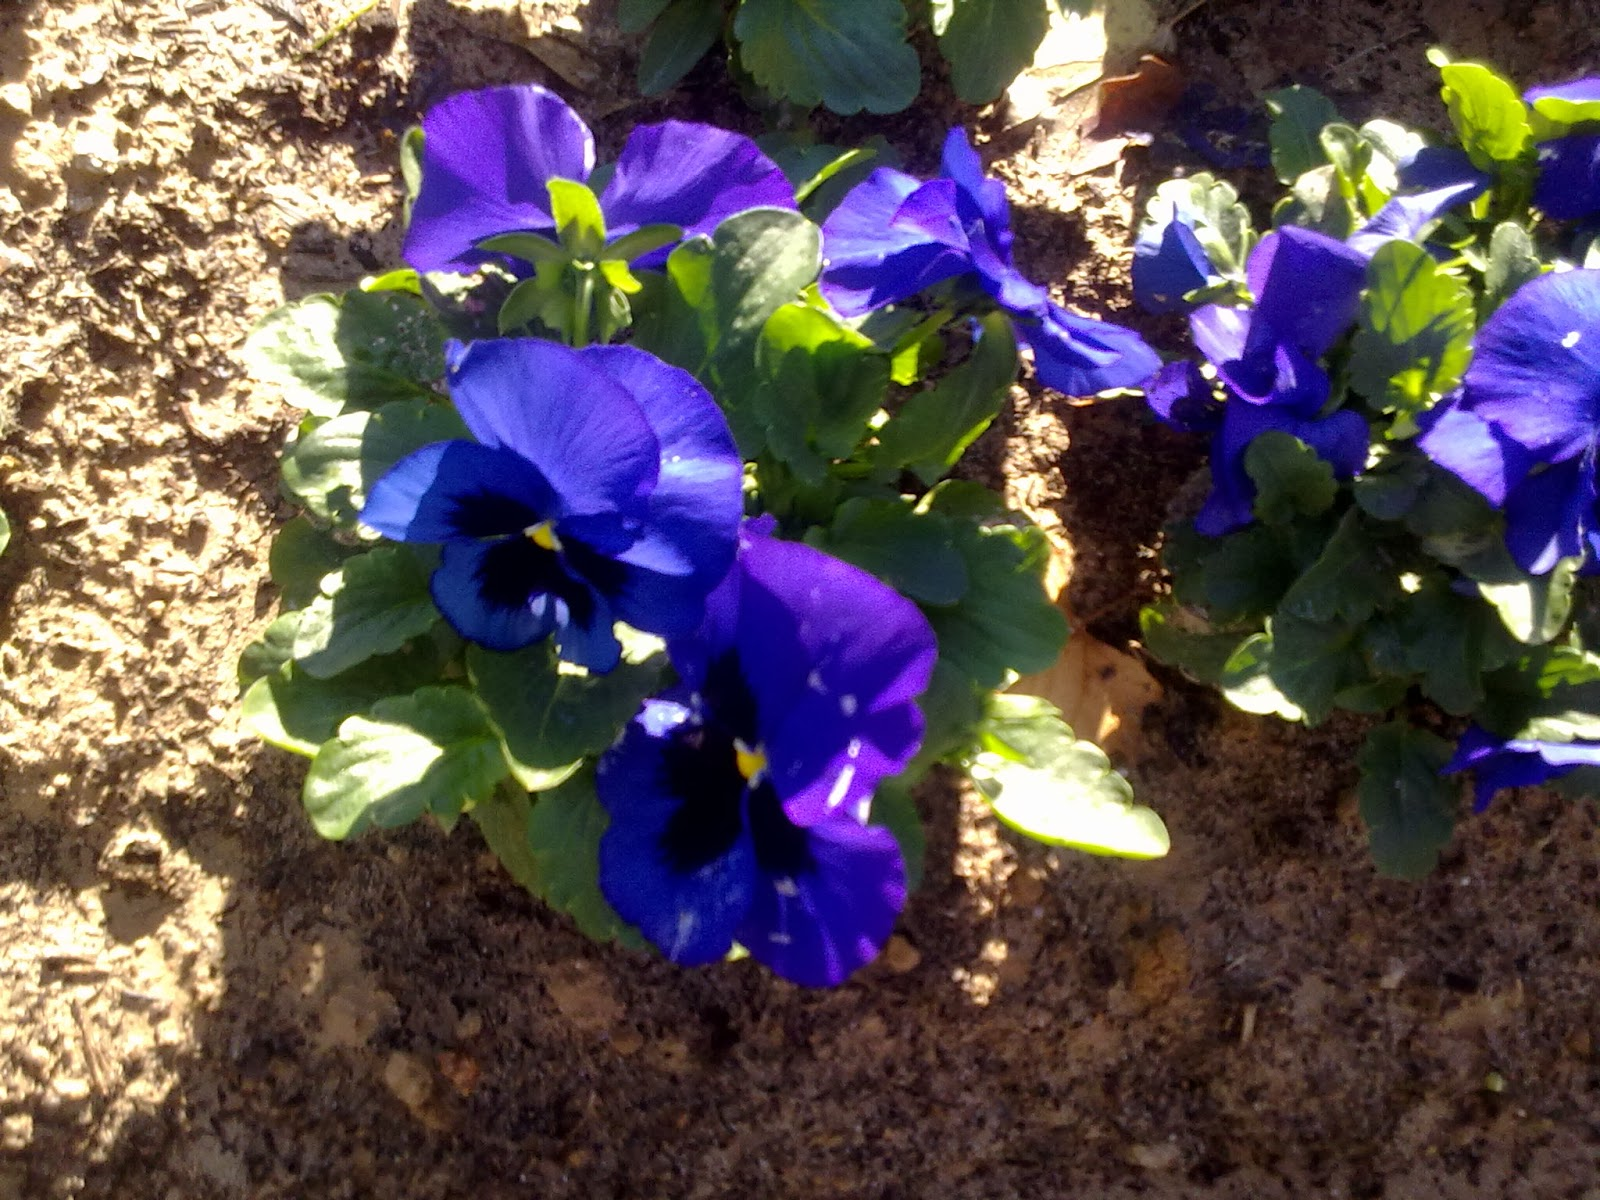 Fotos De Plantas De Interior Con Flores - Imágenes de flores y plantas Flores y plantas Jose Perez